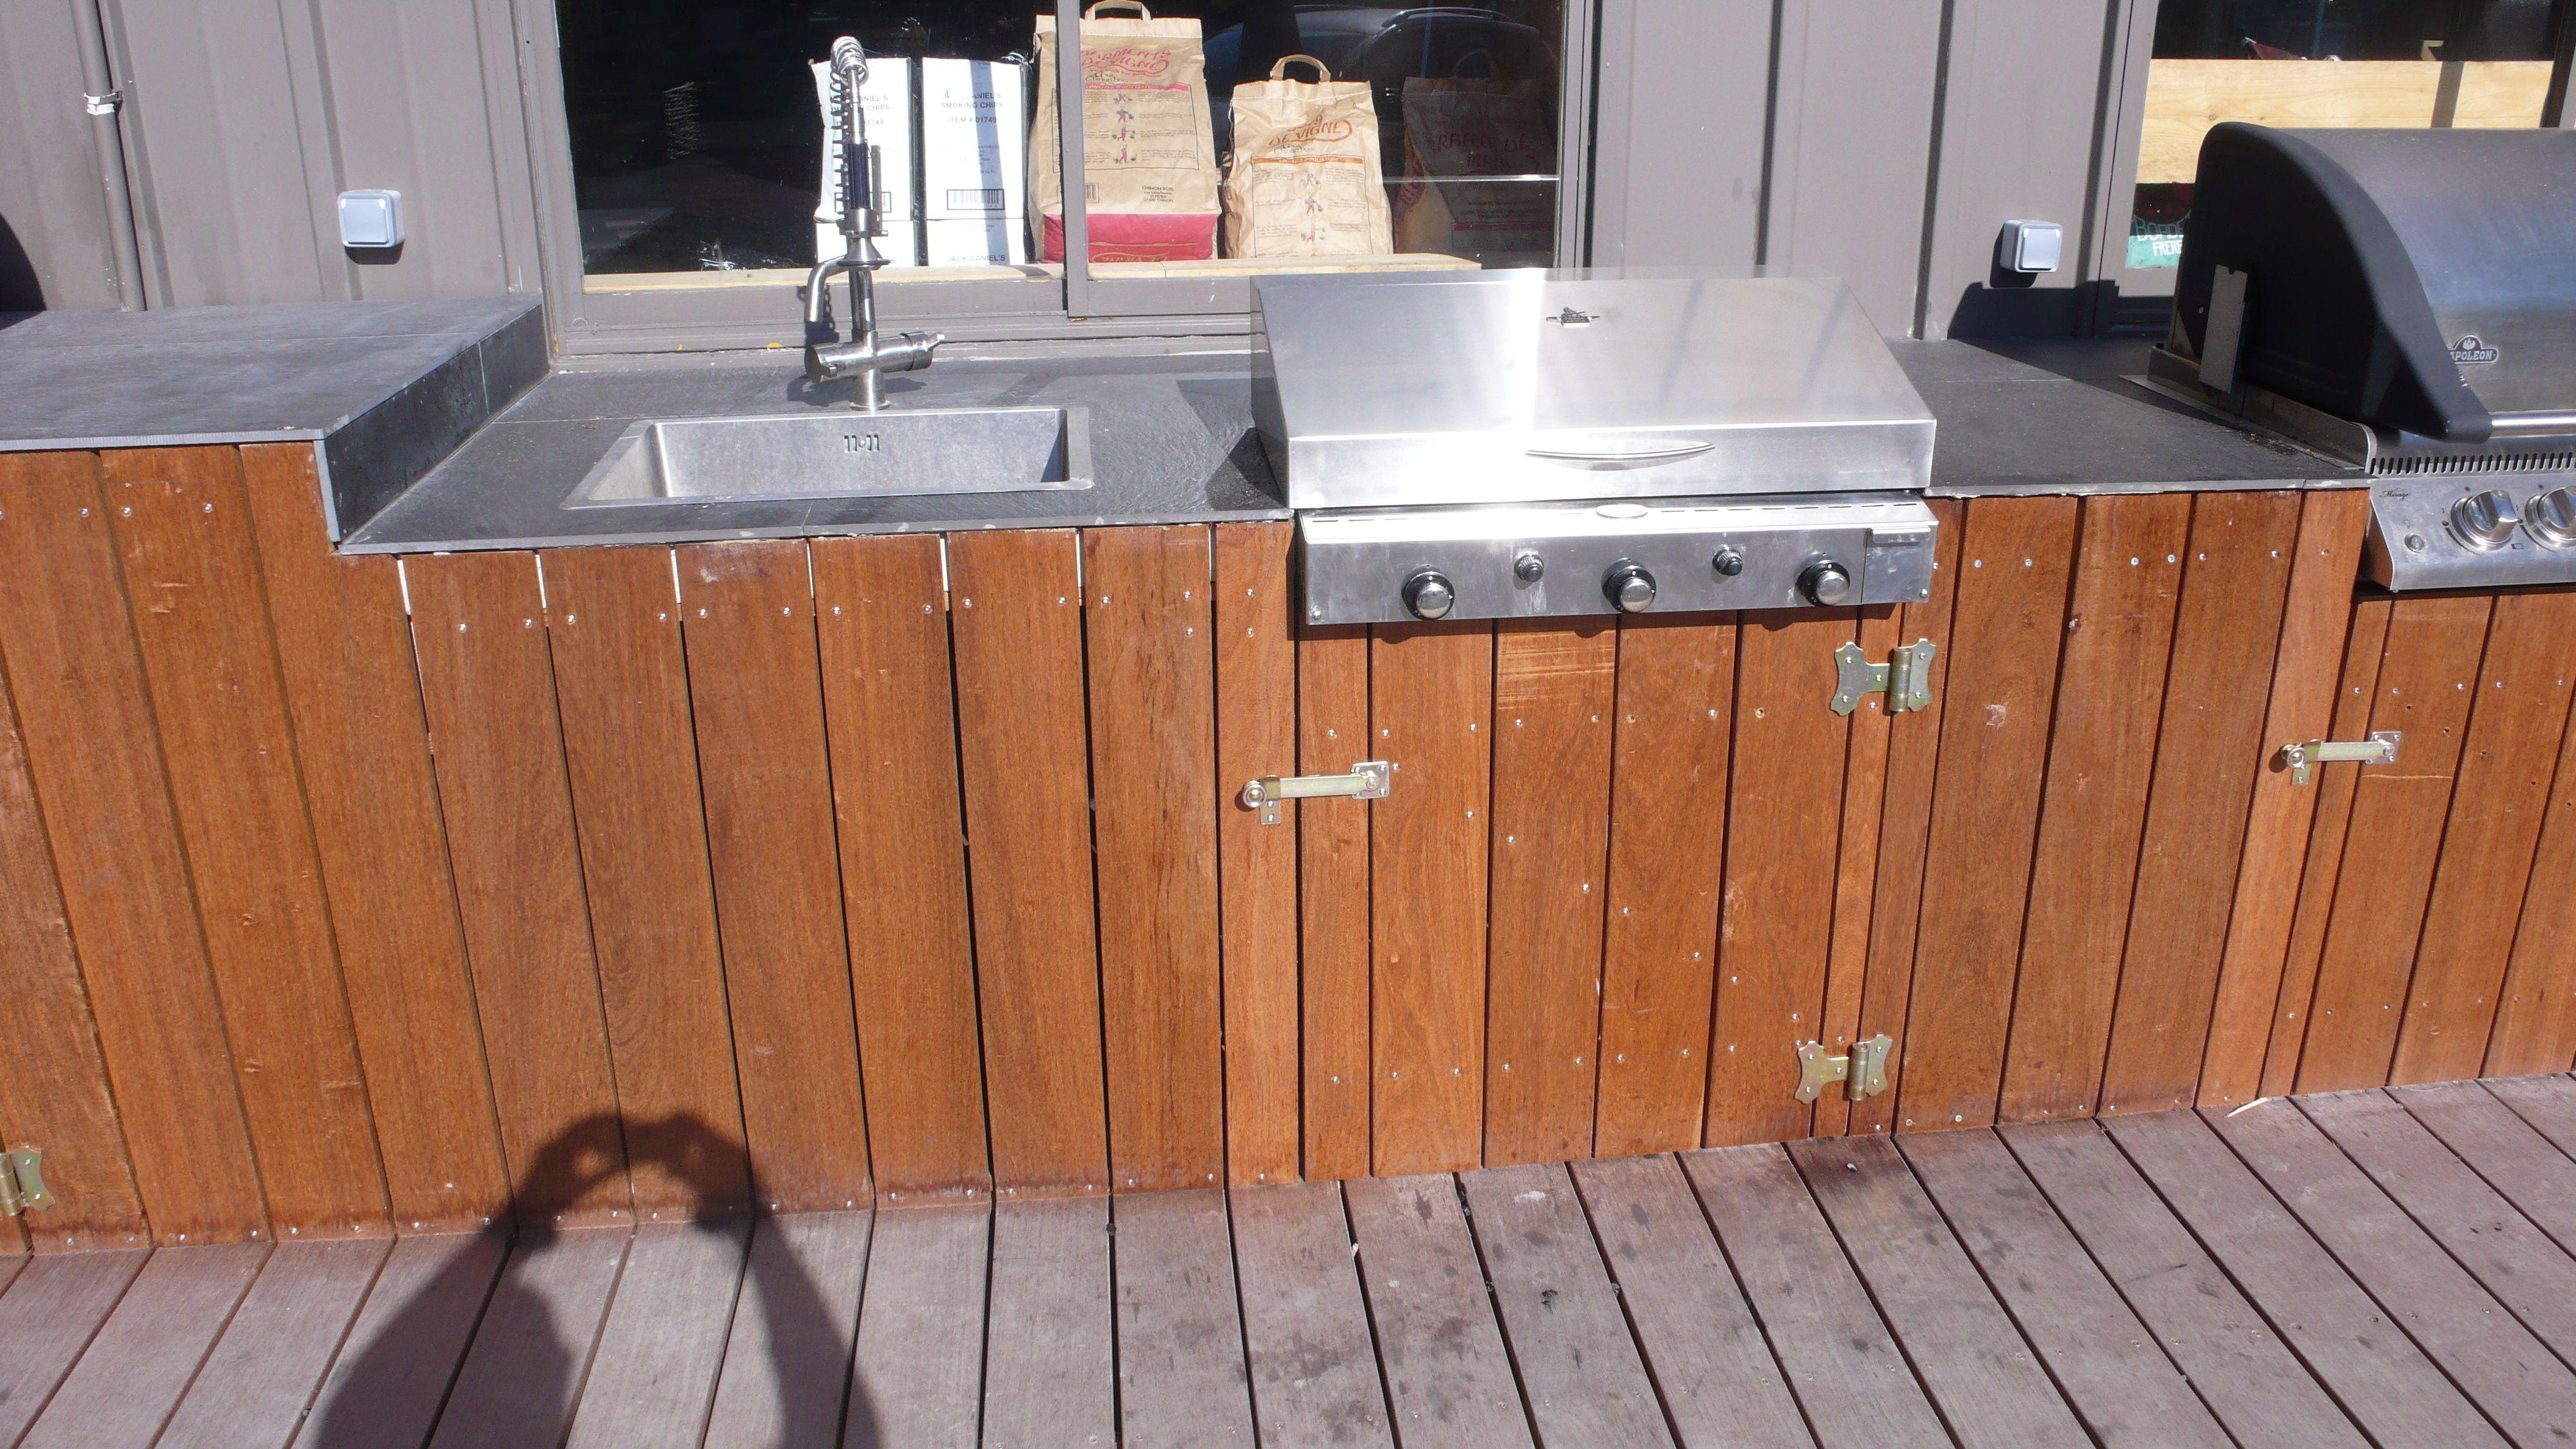 Barbecue & Co Feucherolles plancha - en-chantier